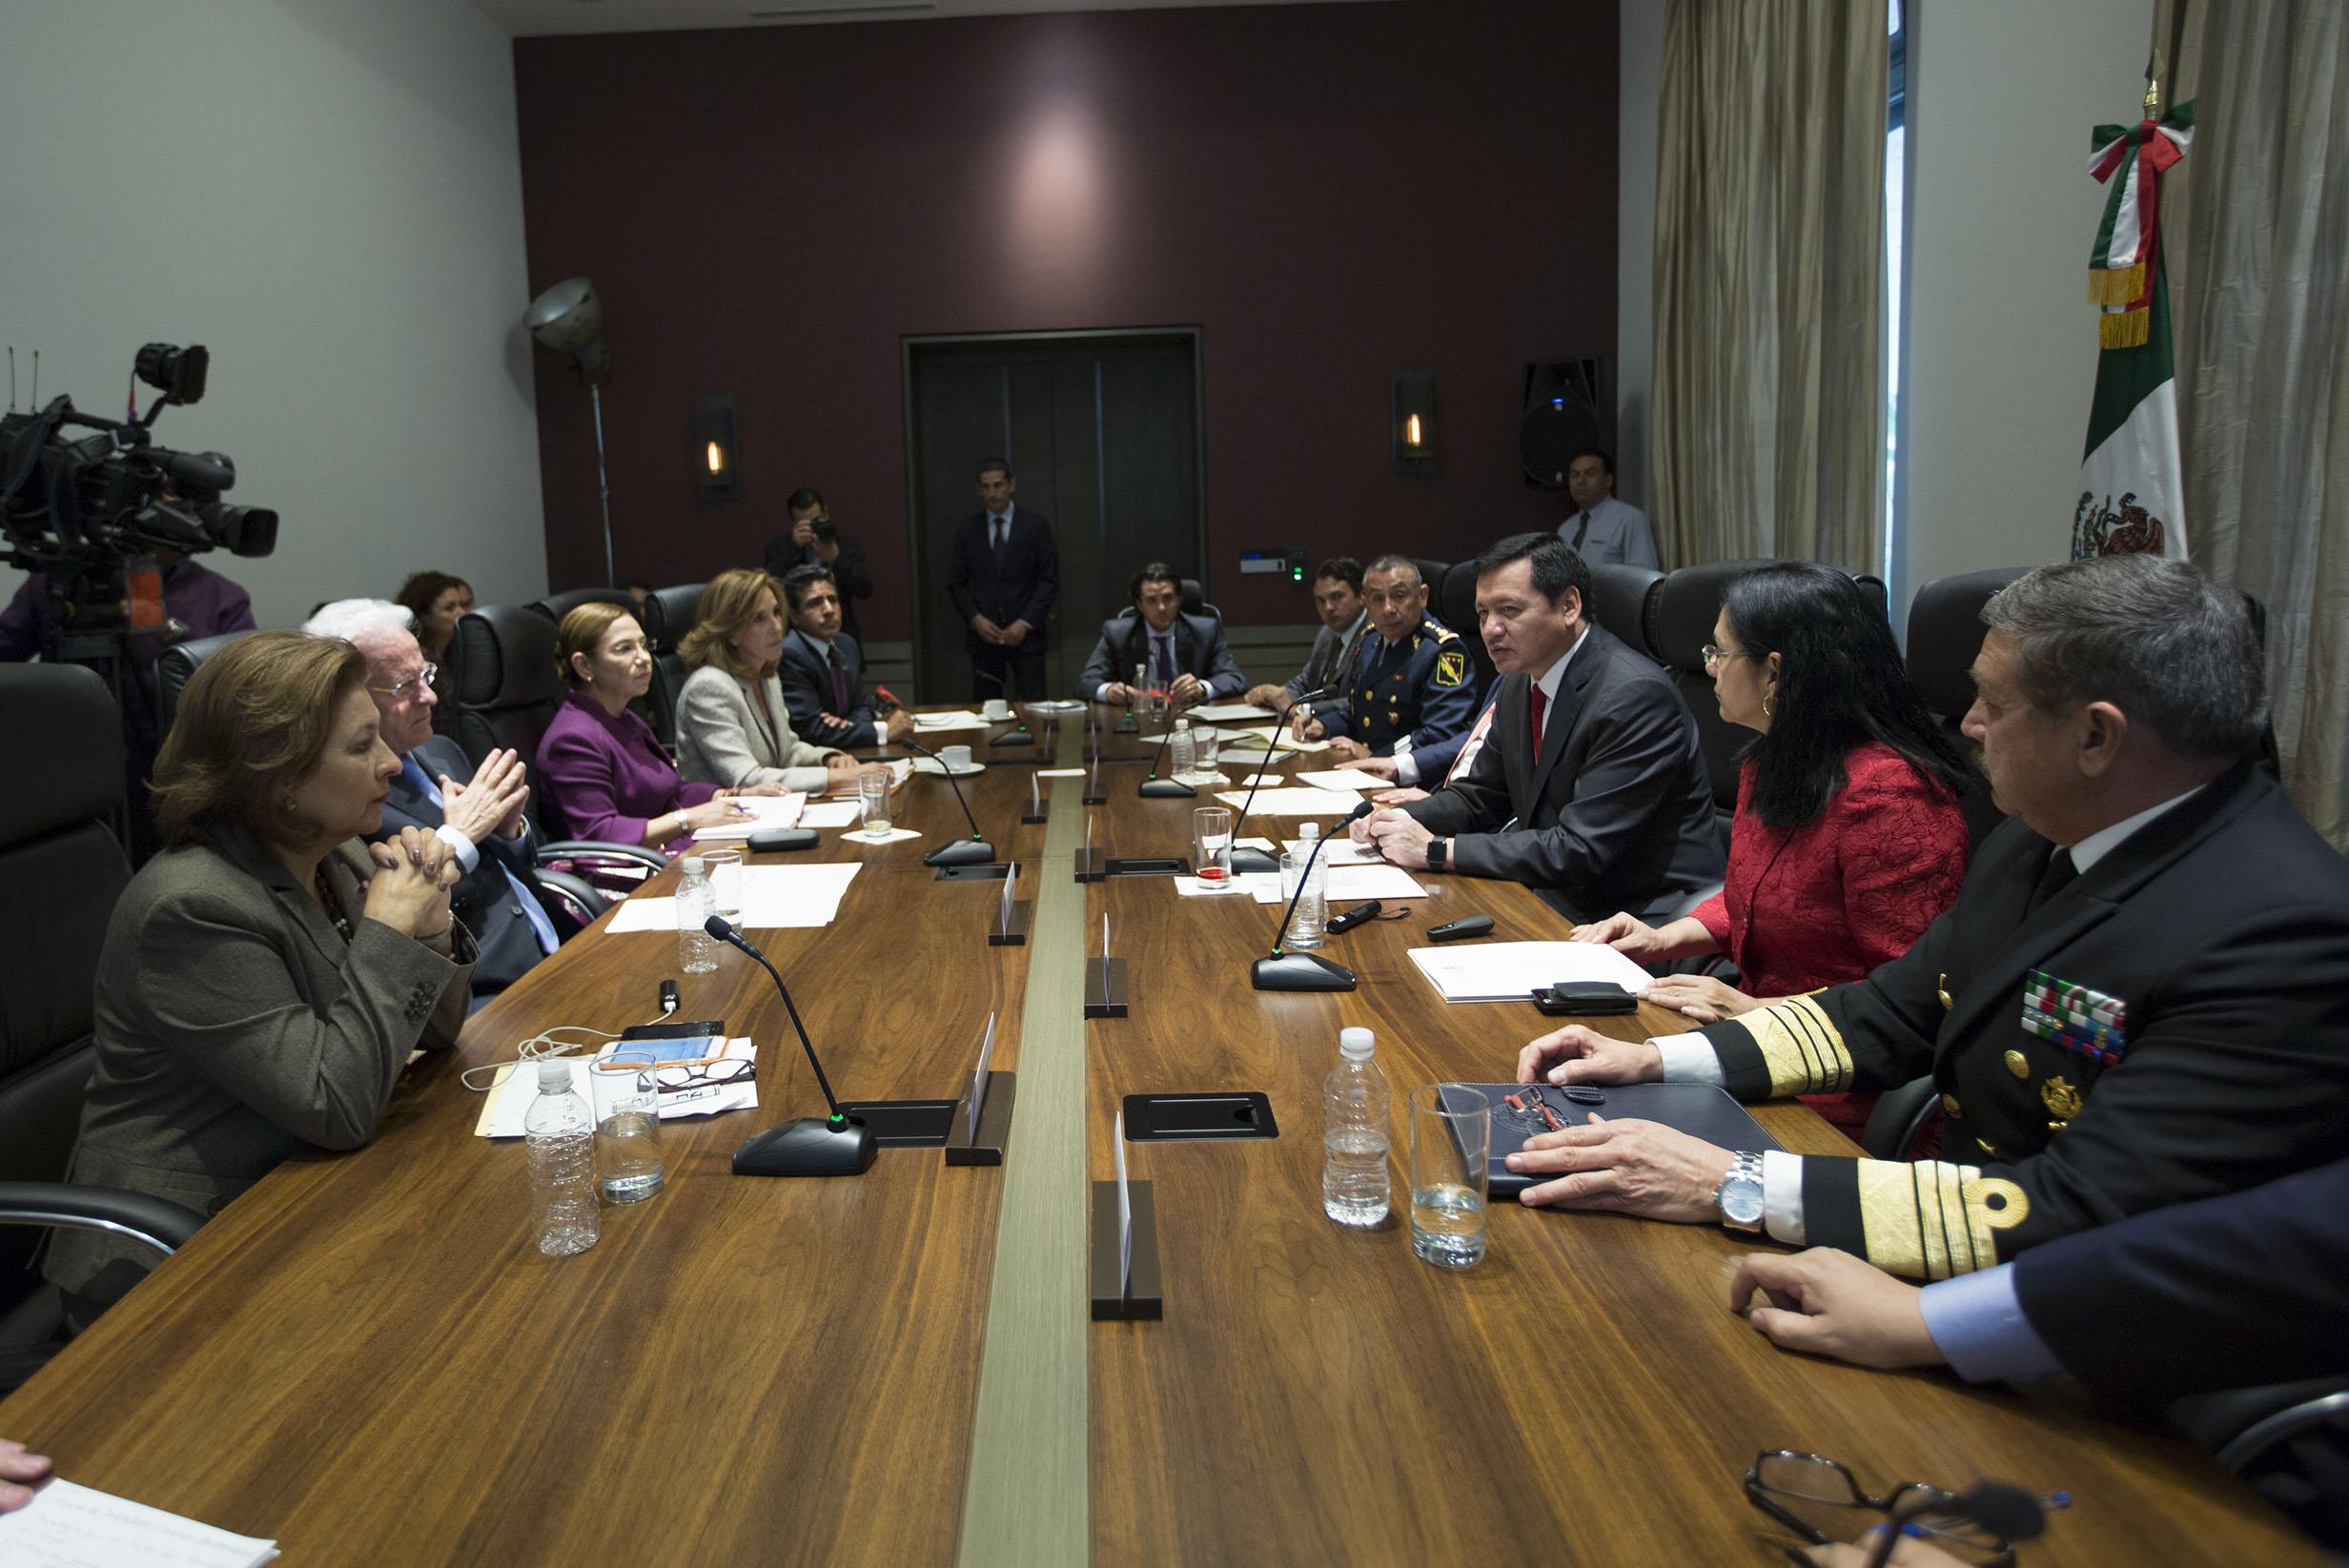 El Secretario de Gobernación, Miguel Ángel Osorio Chong, encabezó la reunión del Comité Especial de Seguimiento y Evaluación de las Acciones para Prevenir, Investigar, Sancionar y Erradicar el Delito del Secuestro